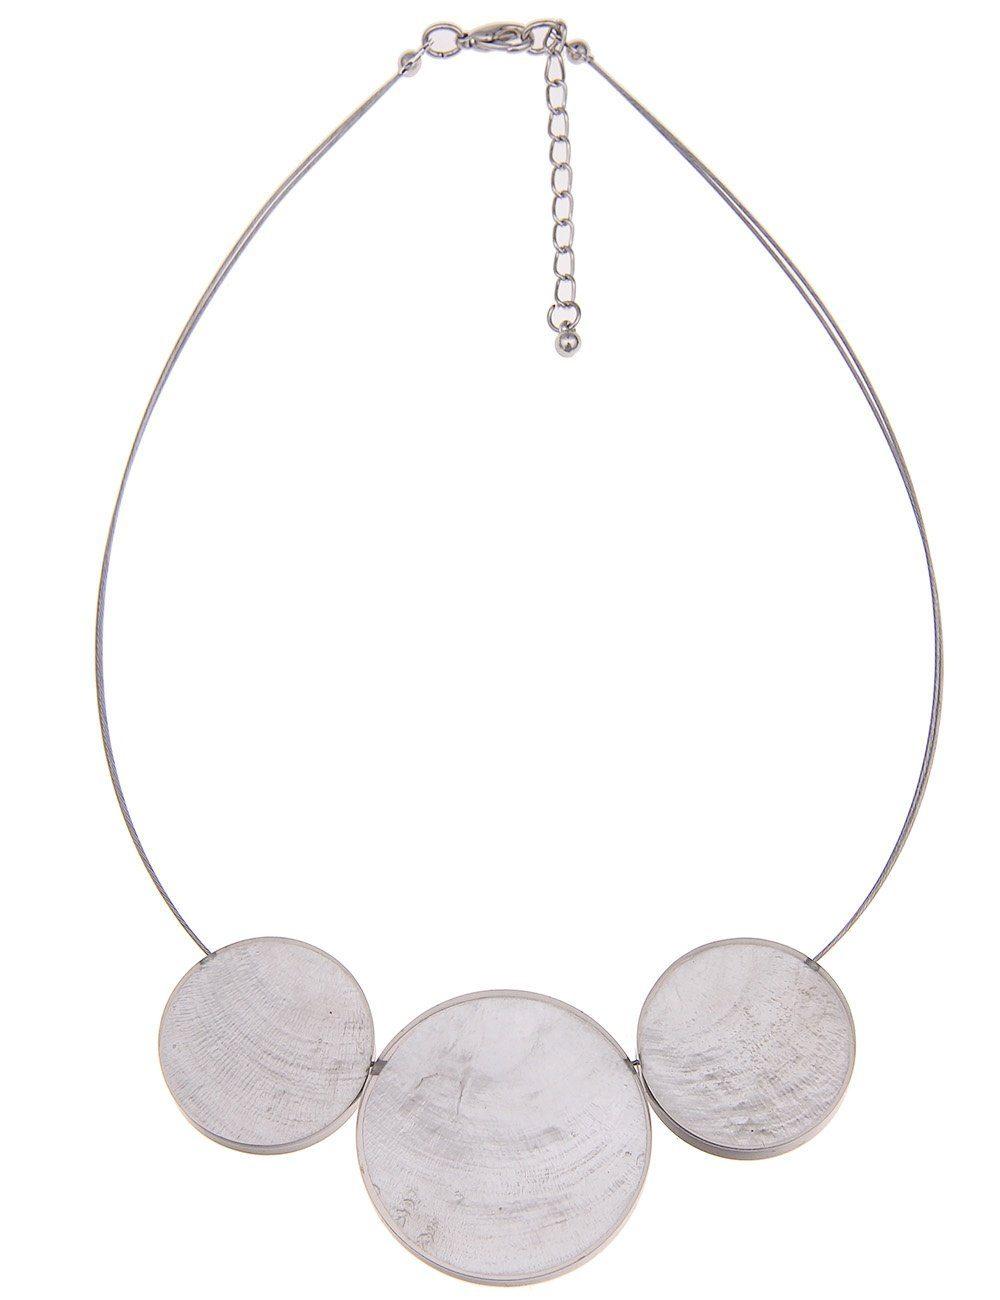 Kaufen Drei Online Anhängern Leslii Halskette Mit 43RLj5A